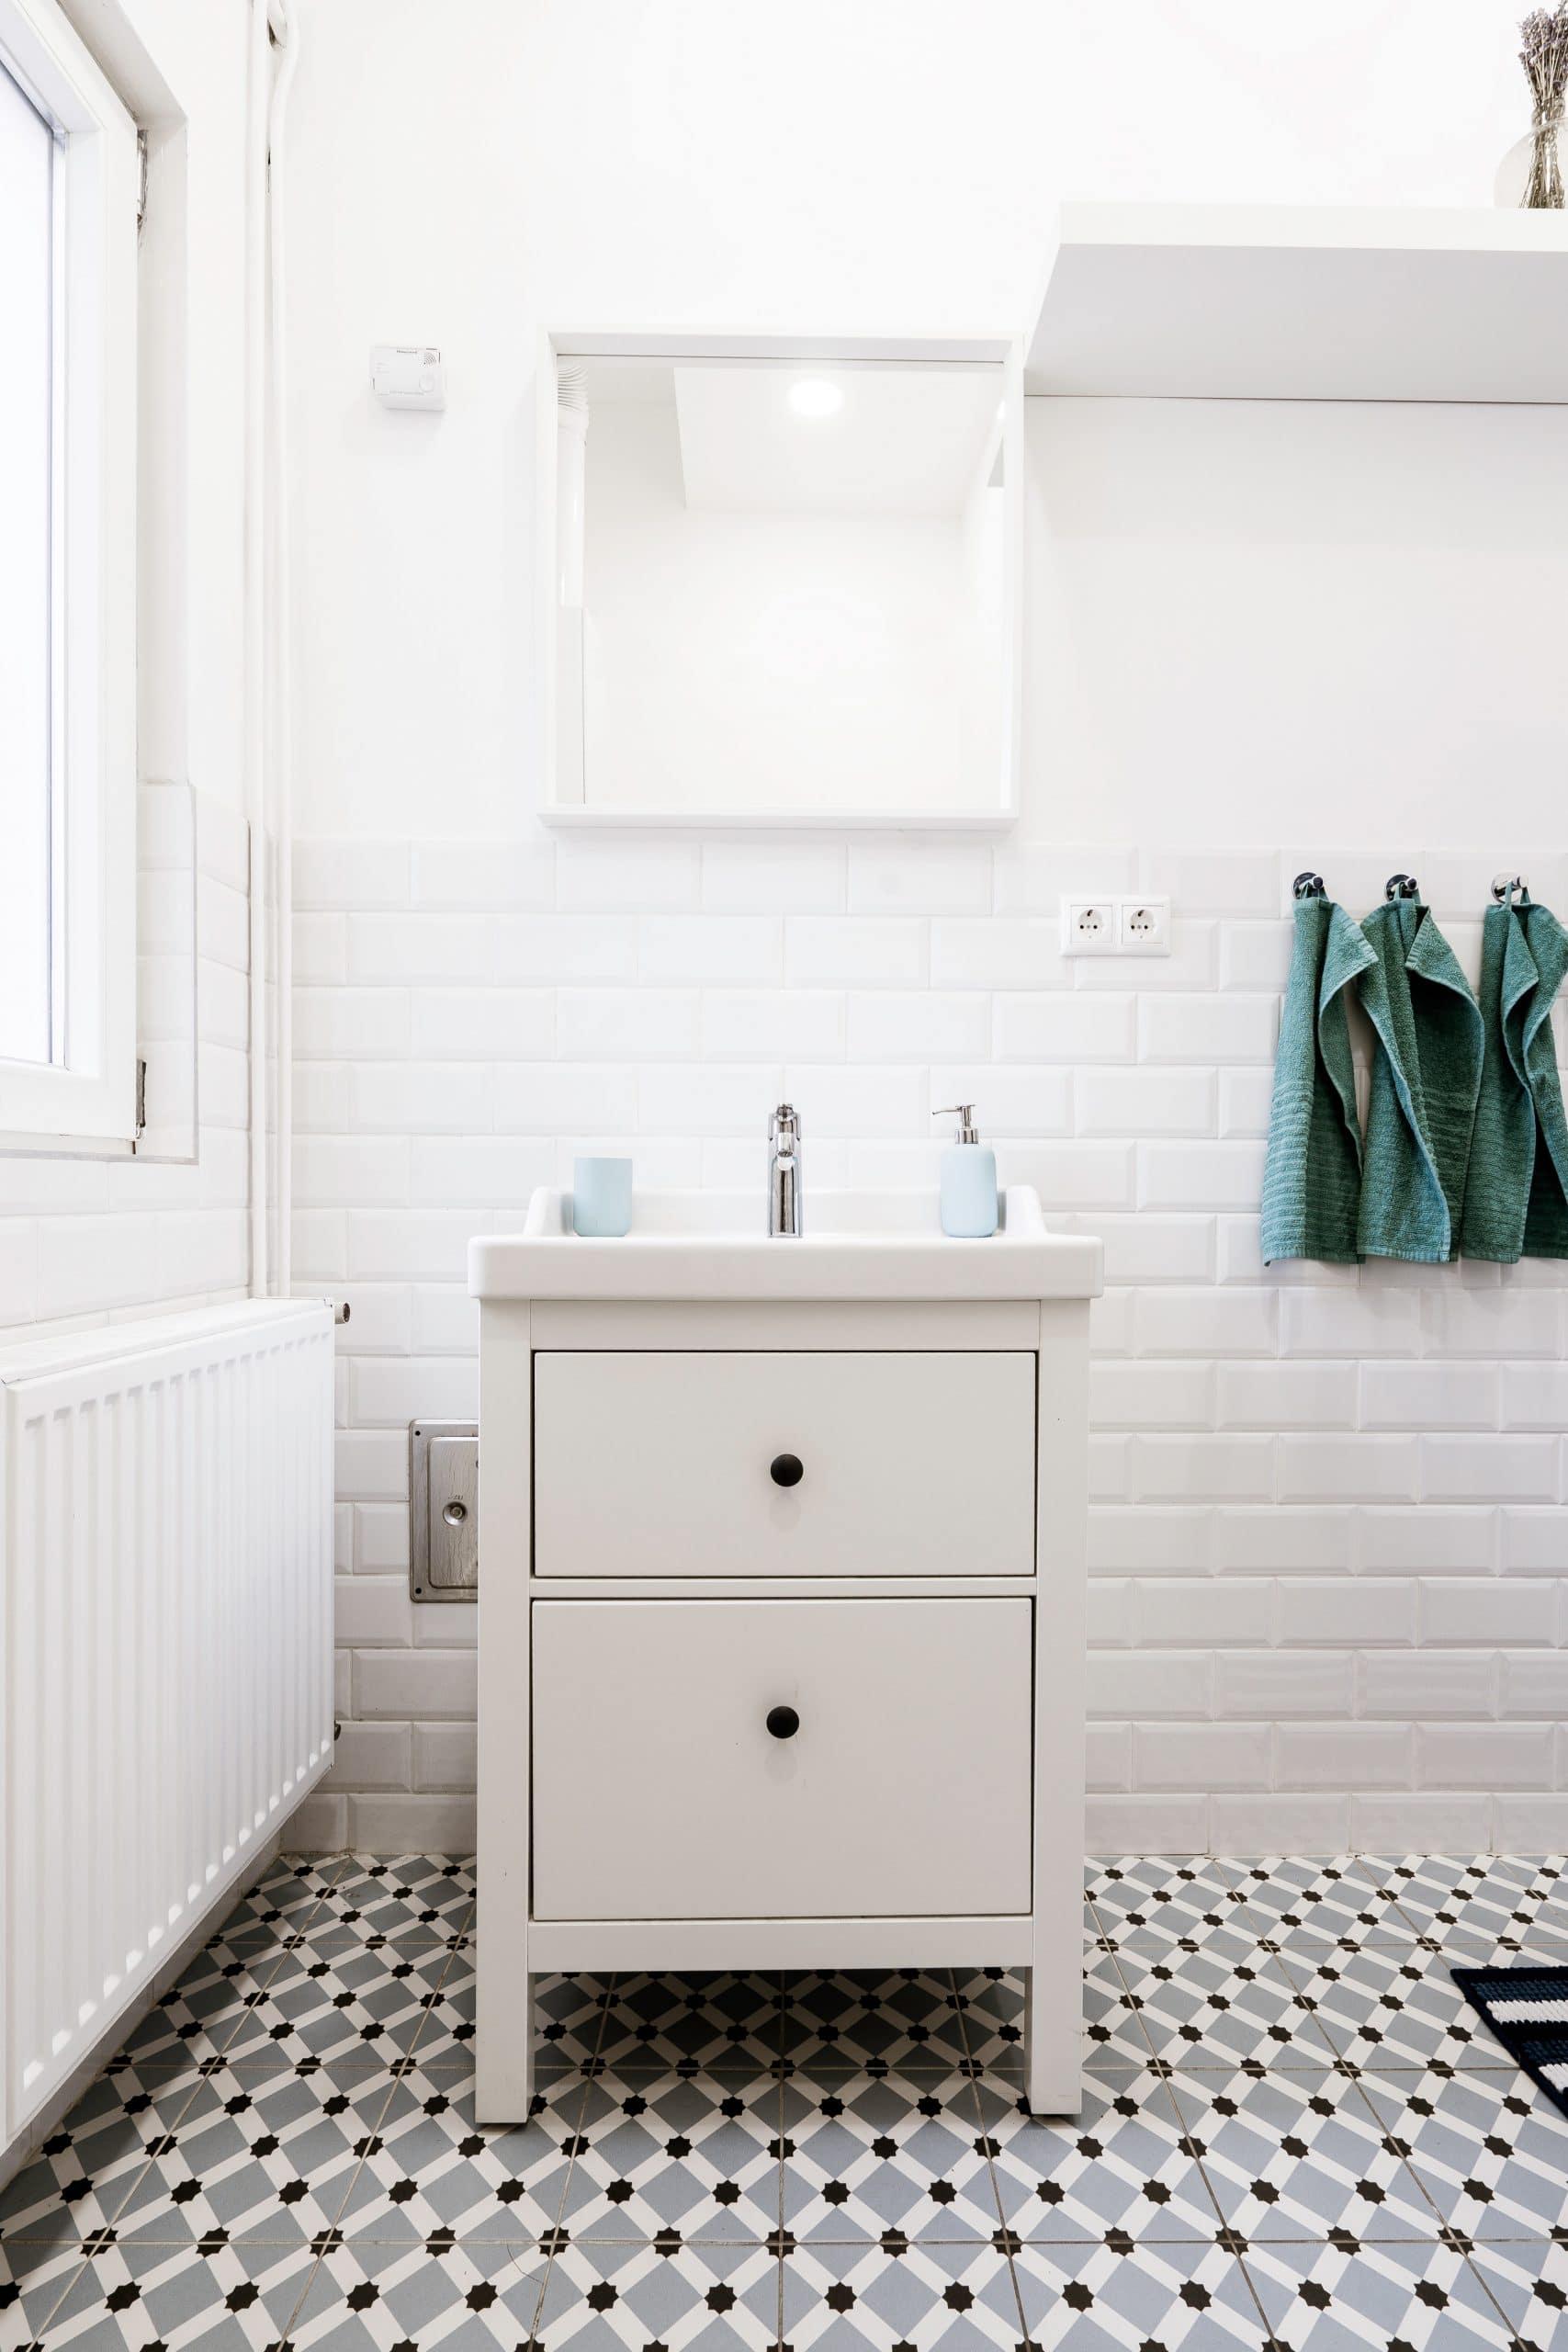 Laundry room decor tips